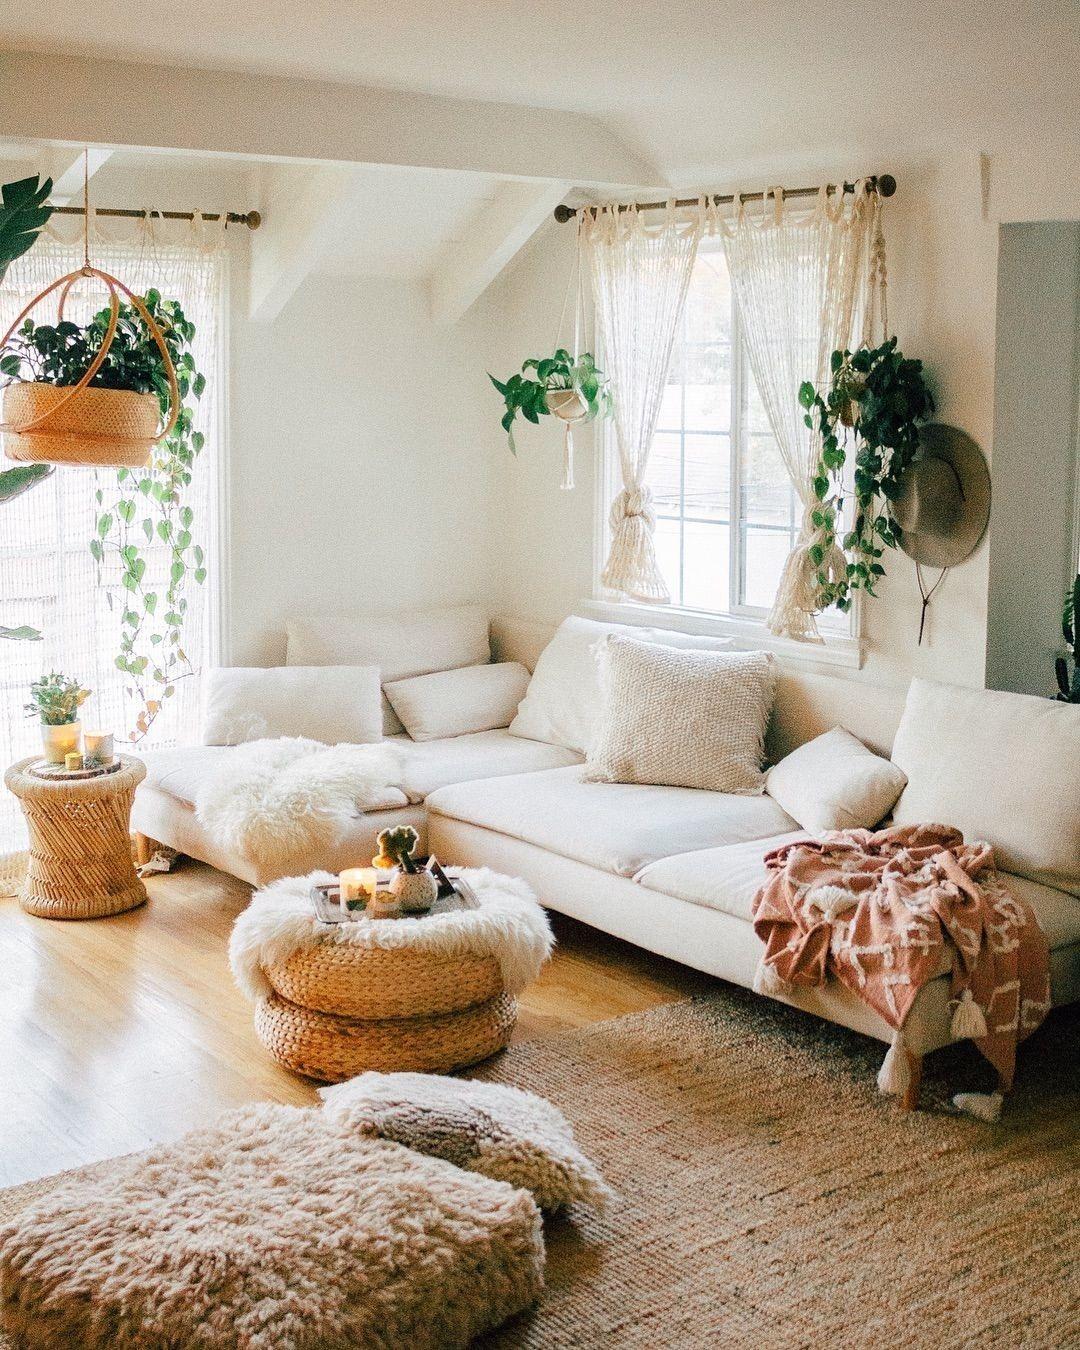 32 Bright White Boho Living Room Boho Living Room Farm House Living Room Apartment Decor Living room boho decor